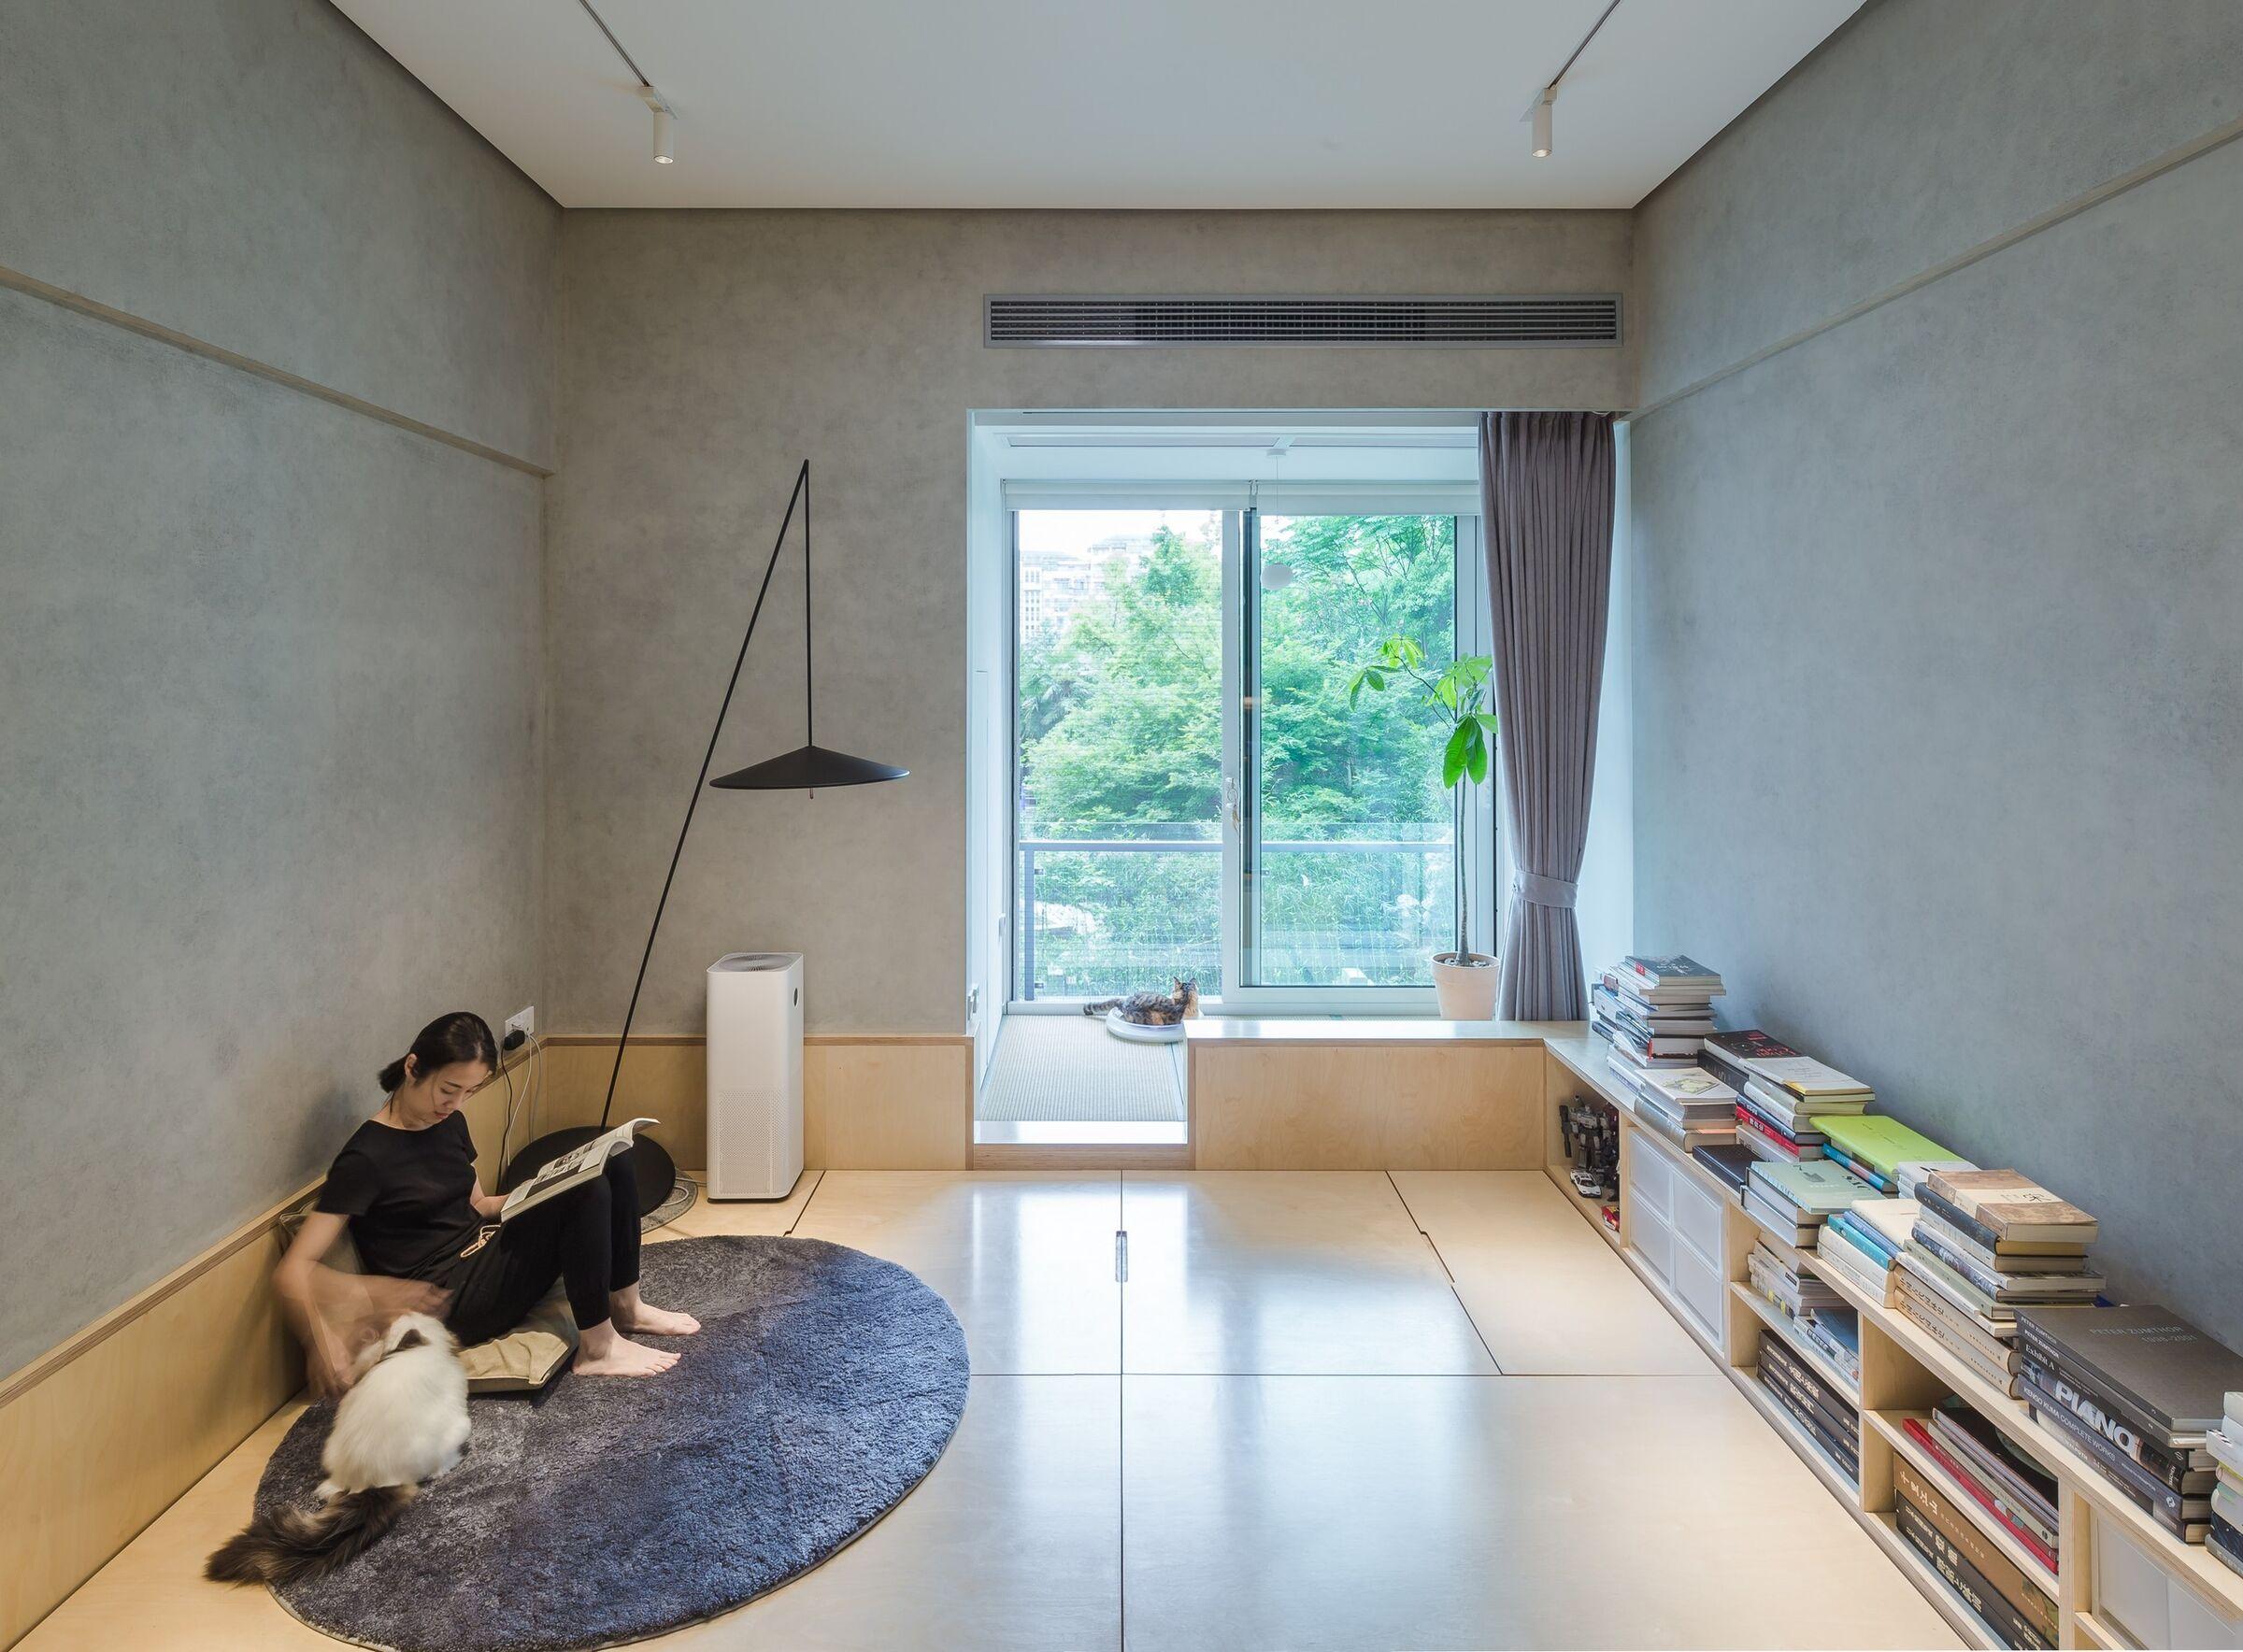 Renovation Design Of A 40 Sq Meters Living Space Continuation Studio Medios De Comunicacion Fotos Y Videos 2 Archello